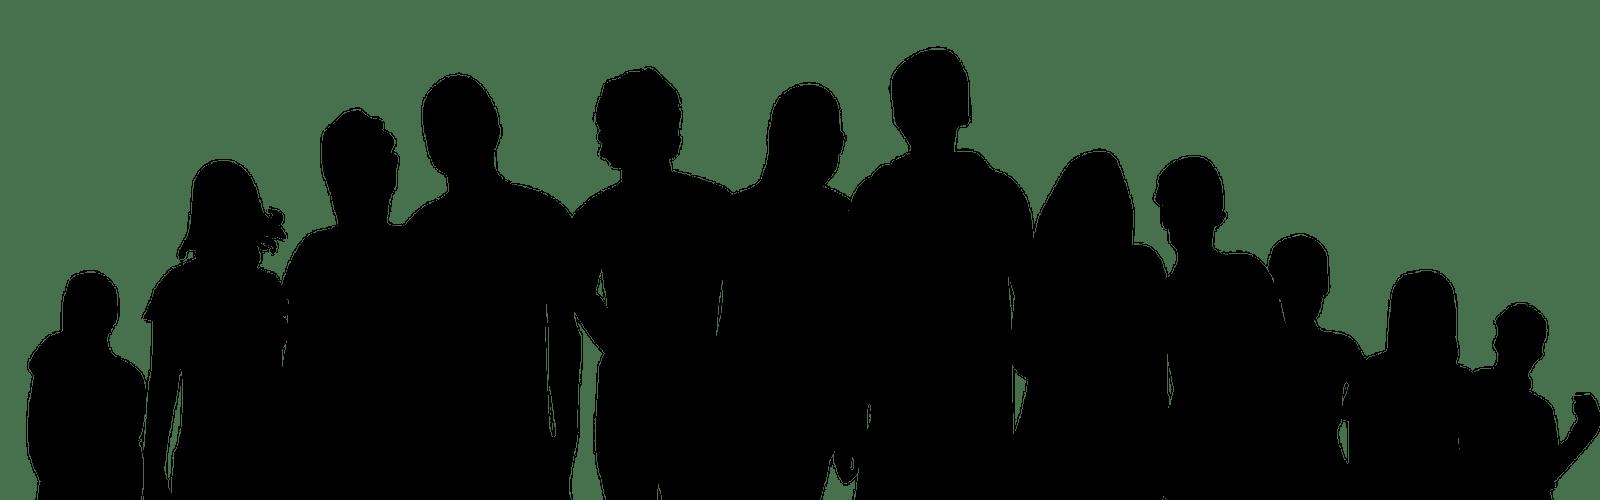 Grafika przedstawia 12 sylwetek osób w kolorze czarnym.